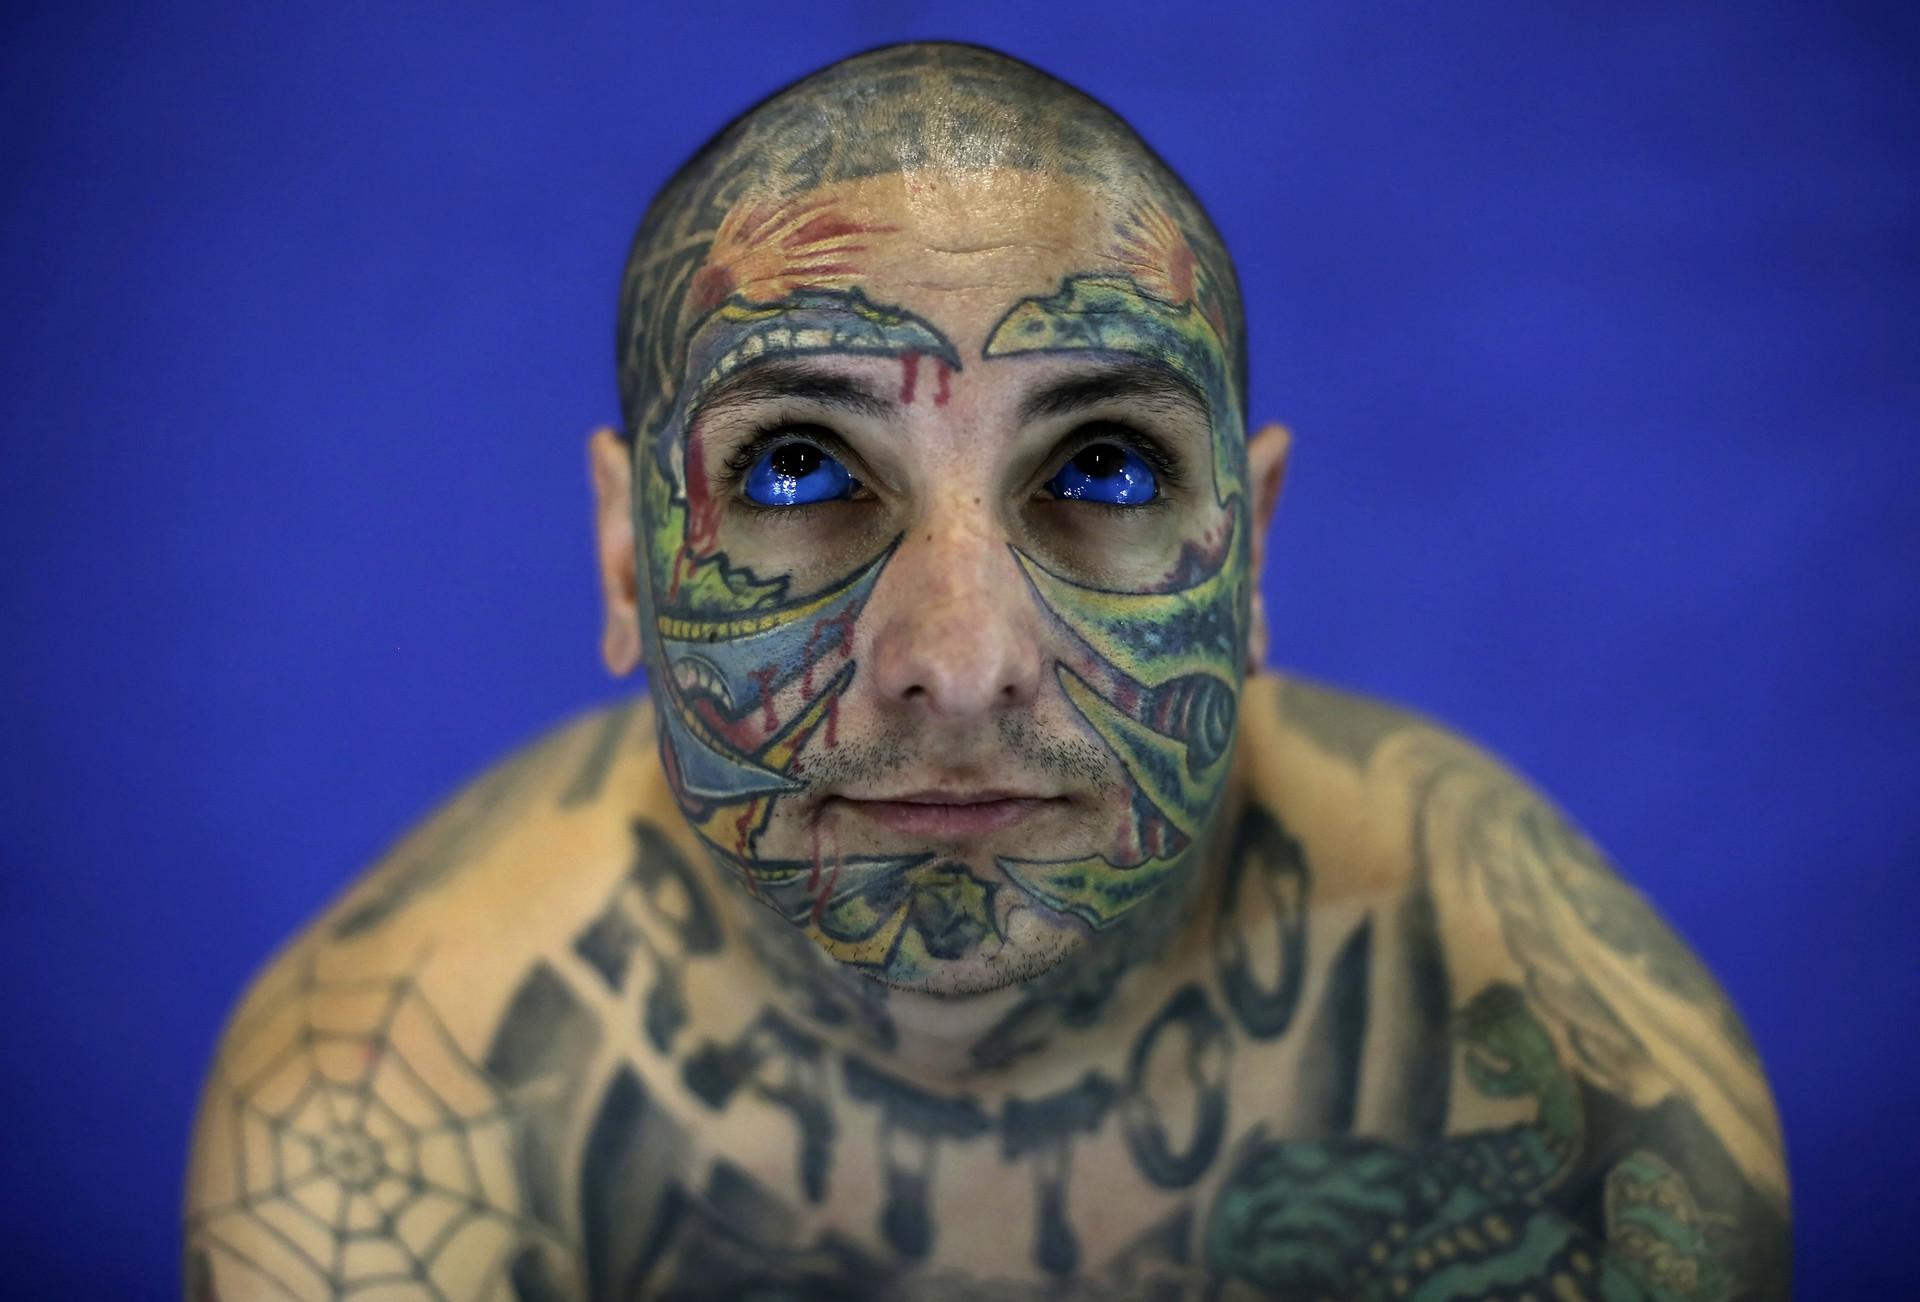 Un hombre muestra sus tatuajes en la piel y los ojos durante el tercer Festival Internacional de Tatuajes en Sao Paulo, Brasil. 20 de julio de 2013.